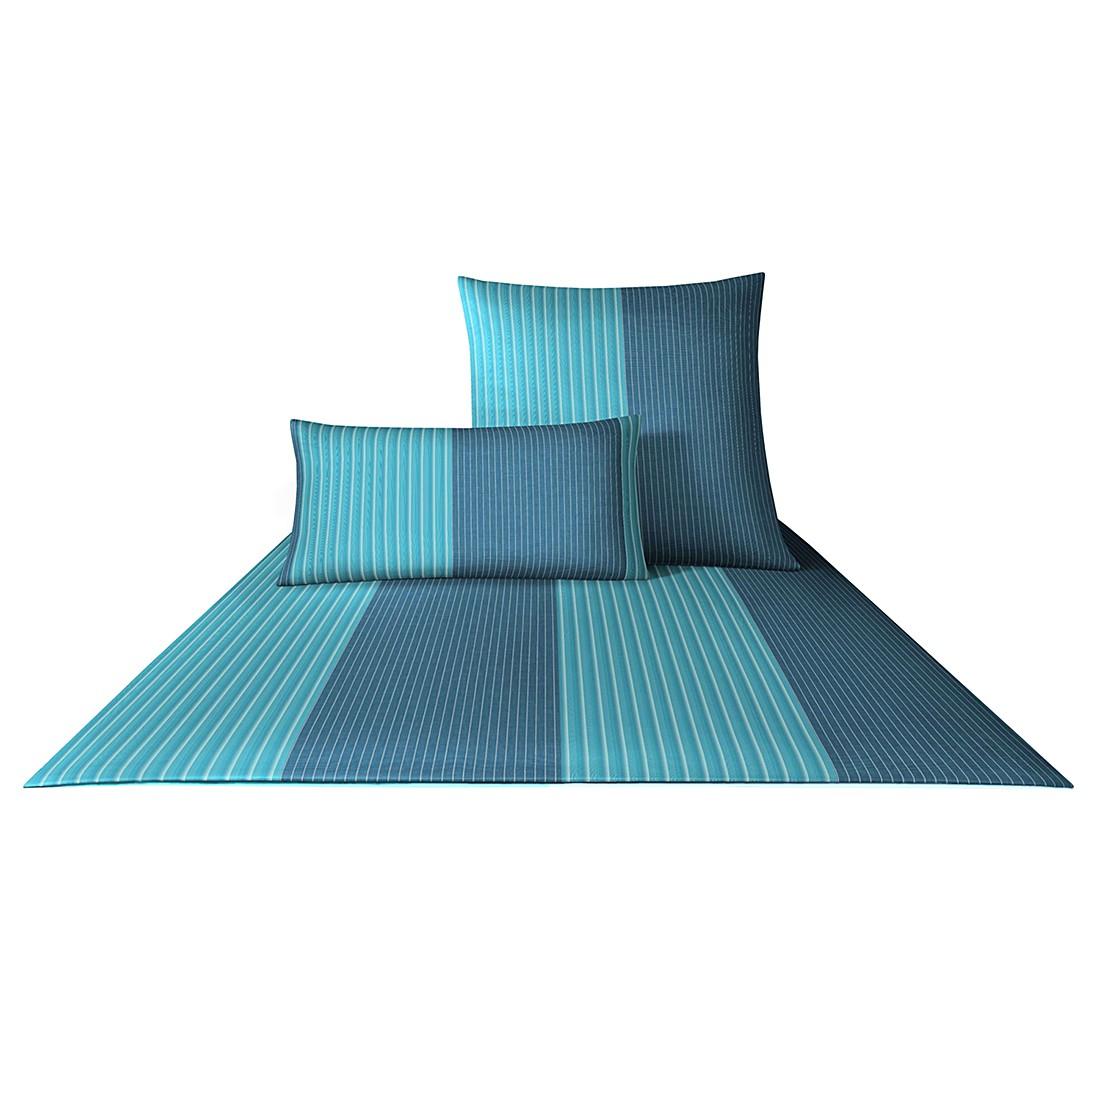 Bettwäsche Mako-Satin Double Stripes 4054 – Baumwolle – Türkis – 80×80 cm – 155×220 cm, Joop bestellen